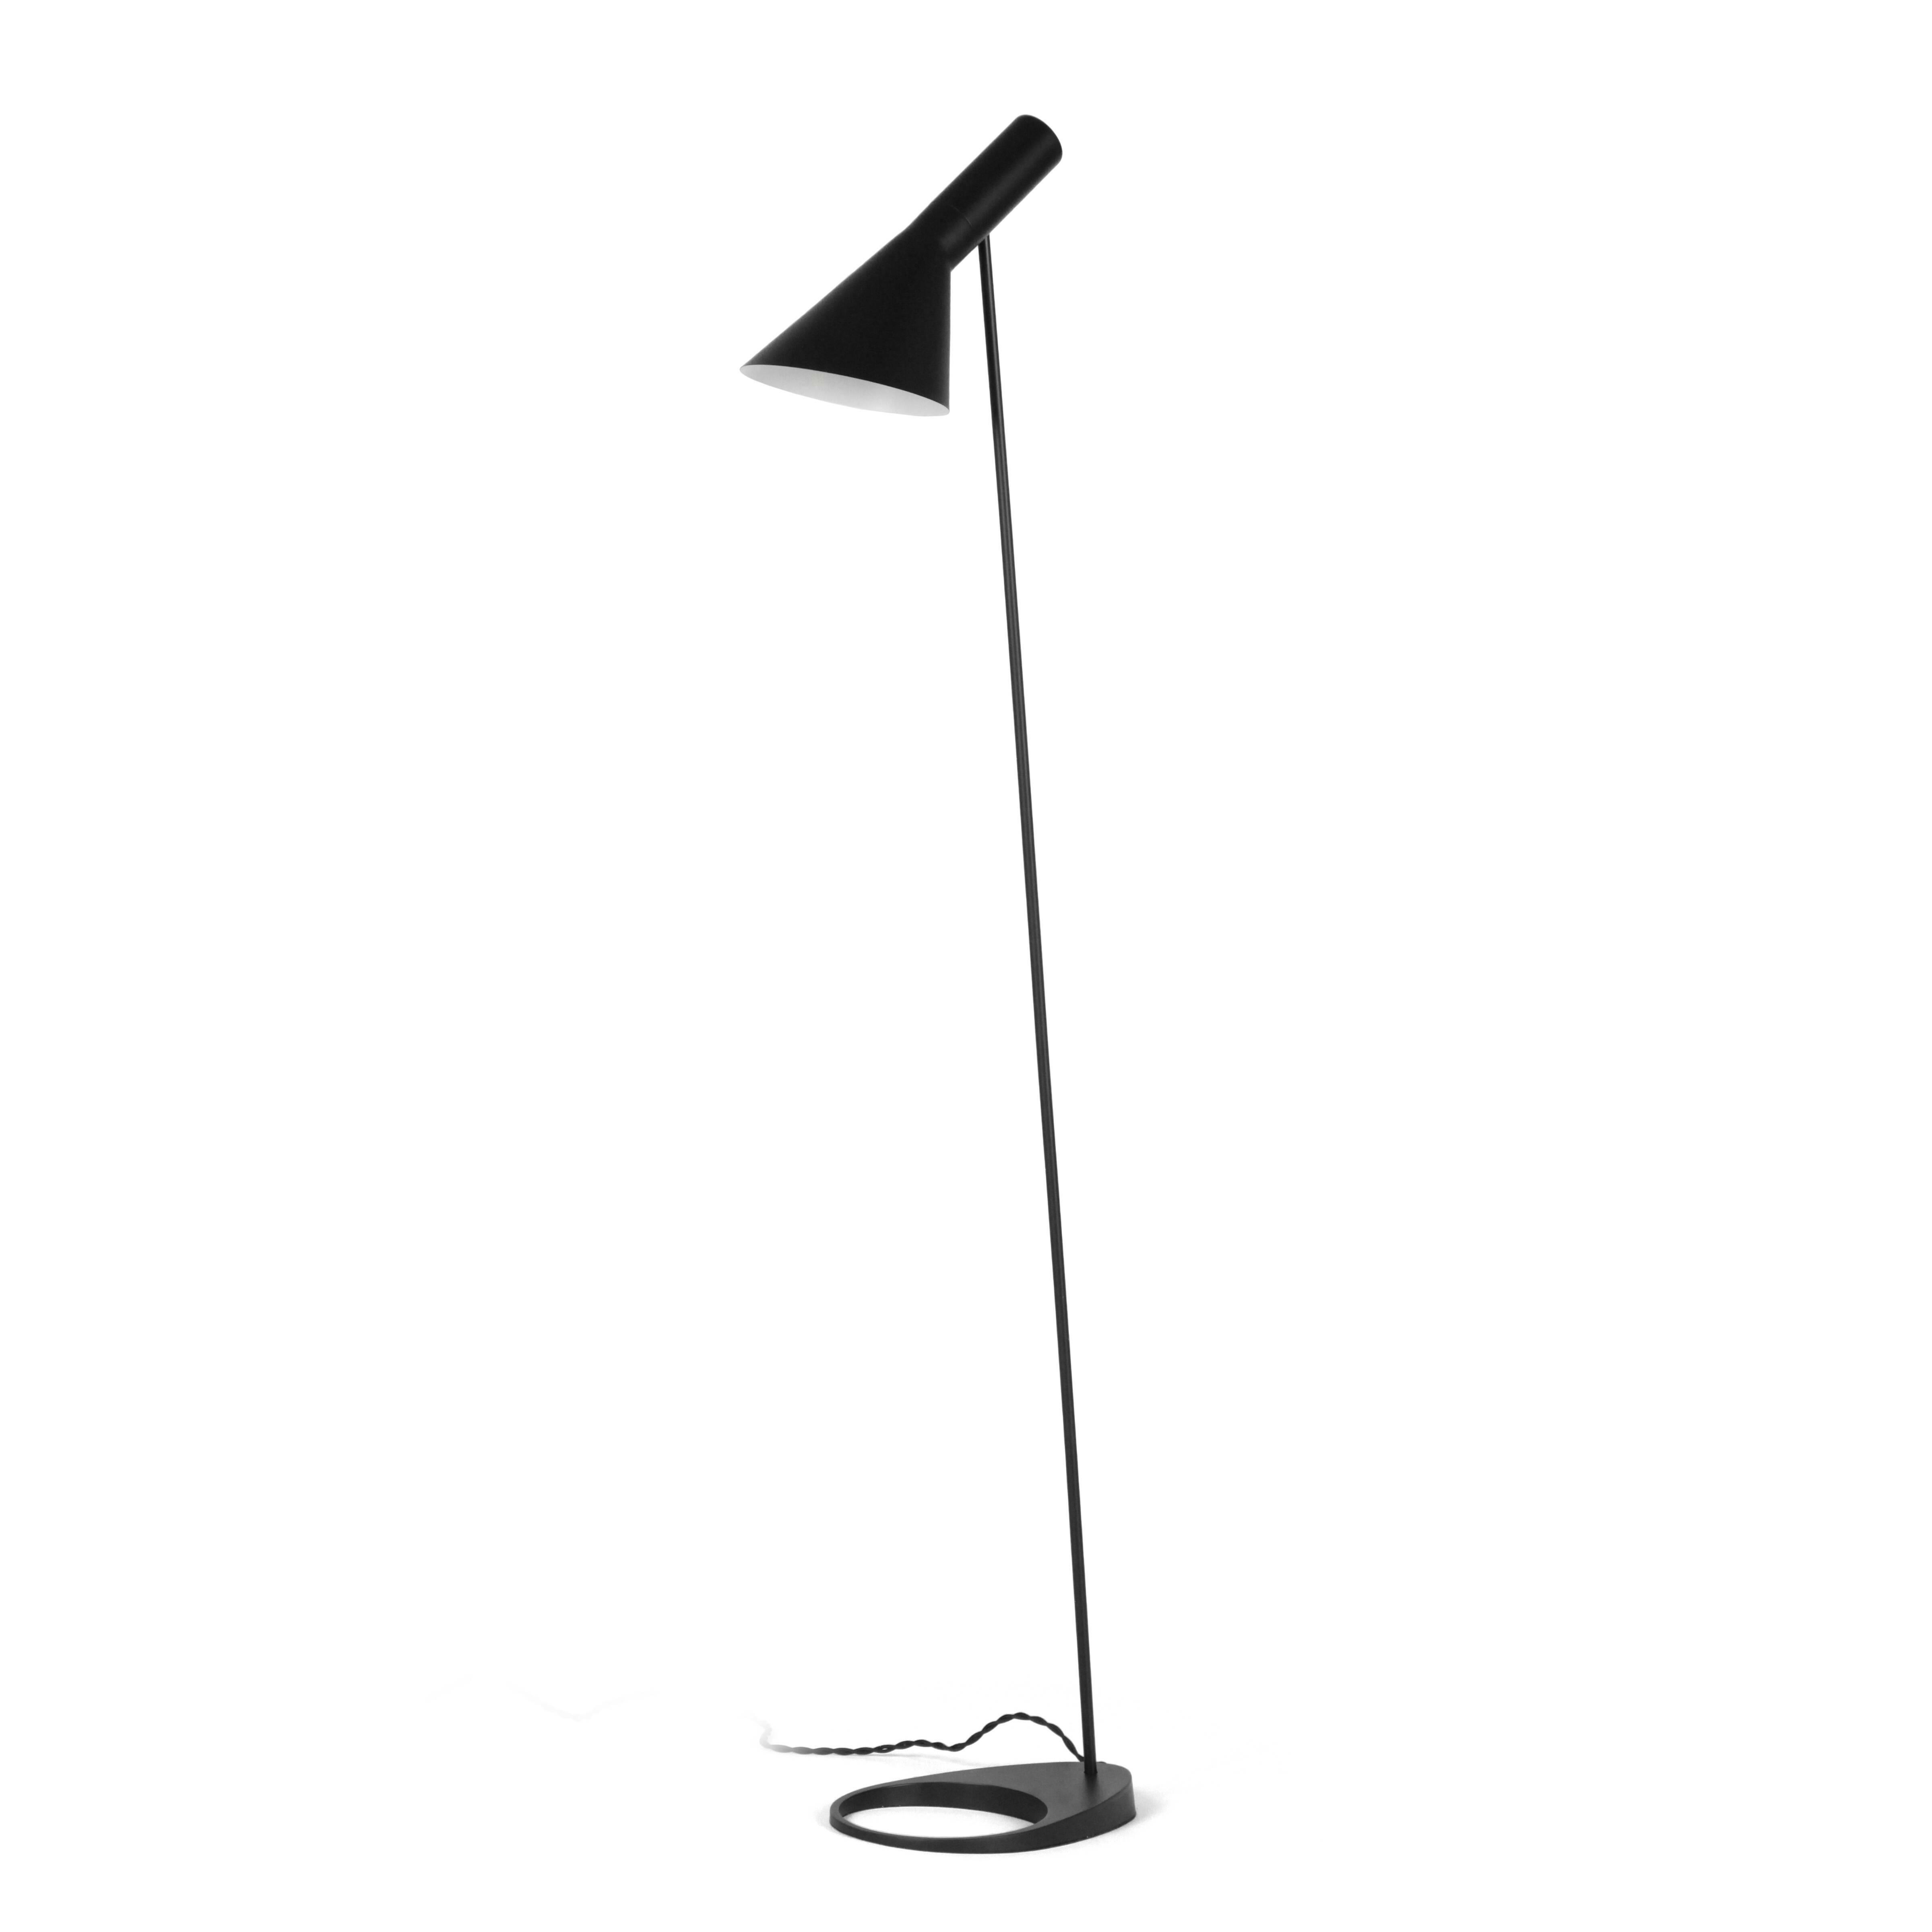 Напольный светильник AJ 2Напольные<br>Датский архитектор Арне Якобсен, чьи проекты получили мировое признание, в середине прошлого века стал разрабатывать предметы интерьера. Основное направление его деятельности — стиль хай-тек.<br><br><br> Замечательное творение автора — это напольный светильник AJ 2. Тонкая длинная ножка позволяет устанавливать его в гостиных и столовых, в спальнях и детских комнатах. Небольшая плоская основа надежно удерживает общую конструкцию и не позволяет светильнику опрокинуться. Светильник может занять с...<br><br>stock: 0<br>Высота: 130<br>Ширина: 27.5<br>Количество ламп: 1<br>Материал абажура: Металл<br>Мощность лампы: 60<br>Ламп в комплекте: Нет<br>Напряжение: 220-240<br>Тип лампы/цоколь: E27<br>Цвет абажура: Черный<br>Цвет провода: Черный